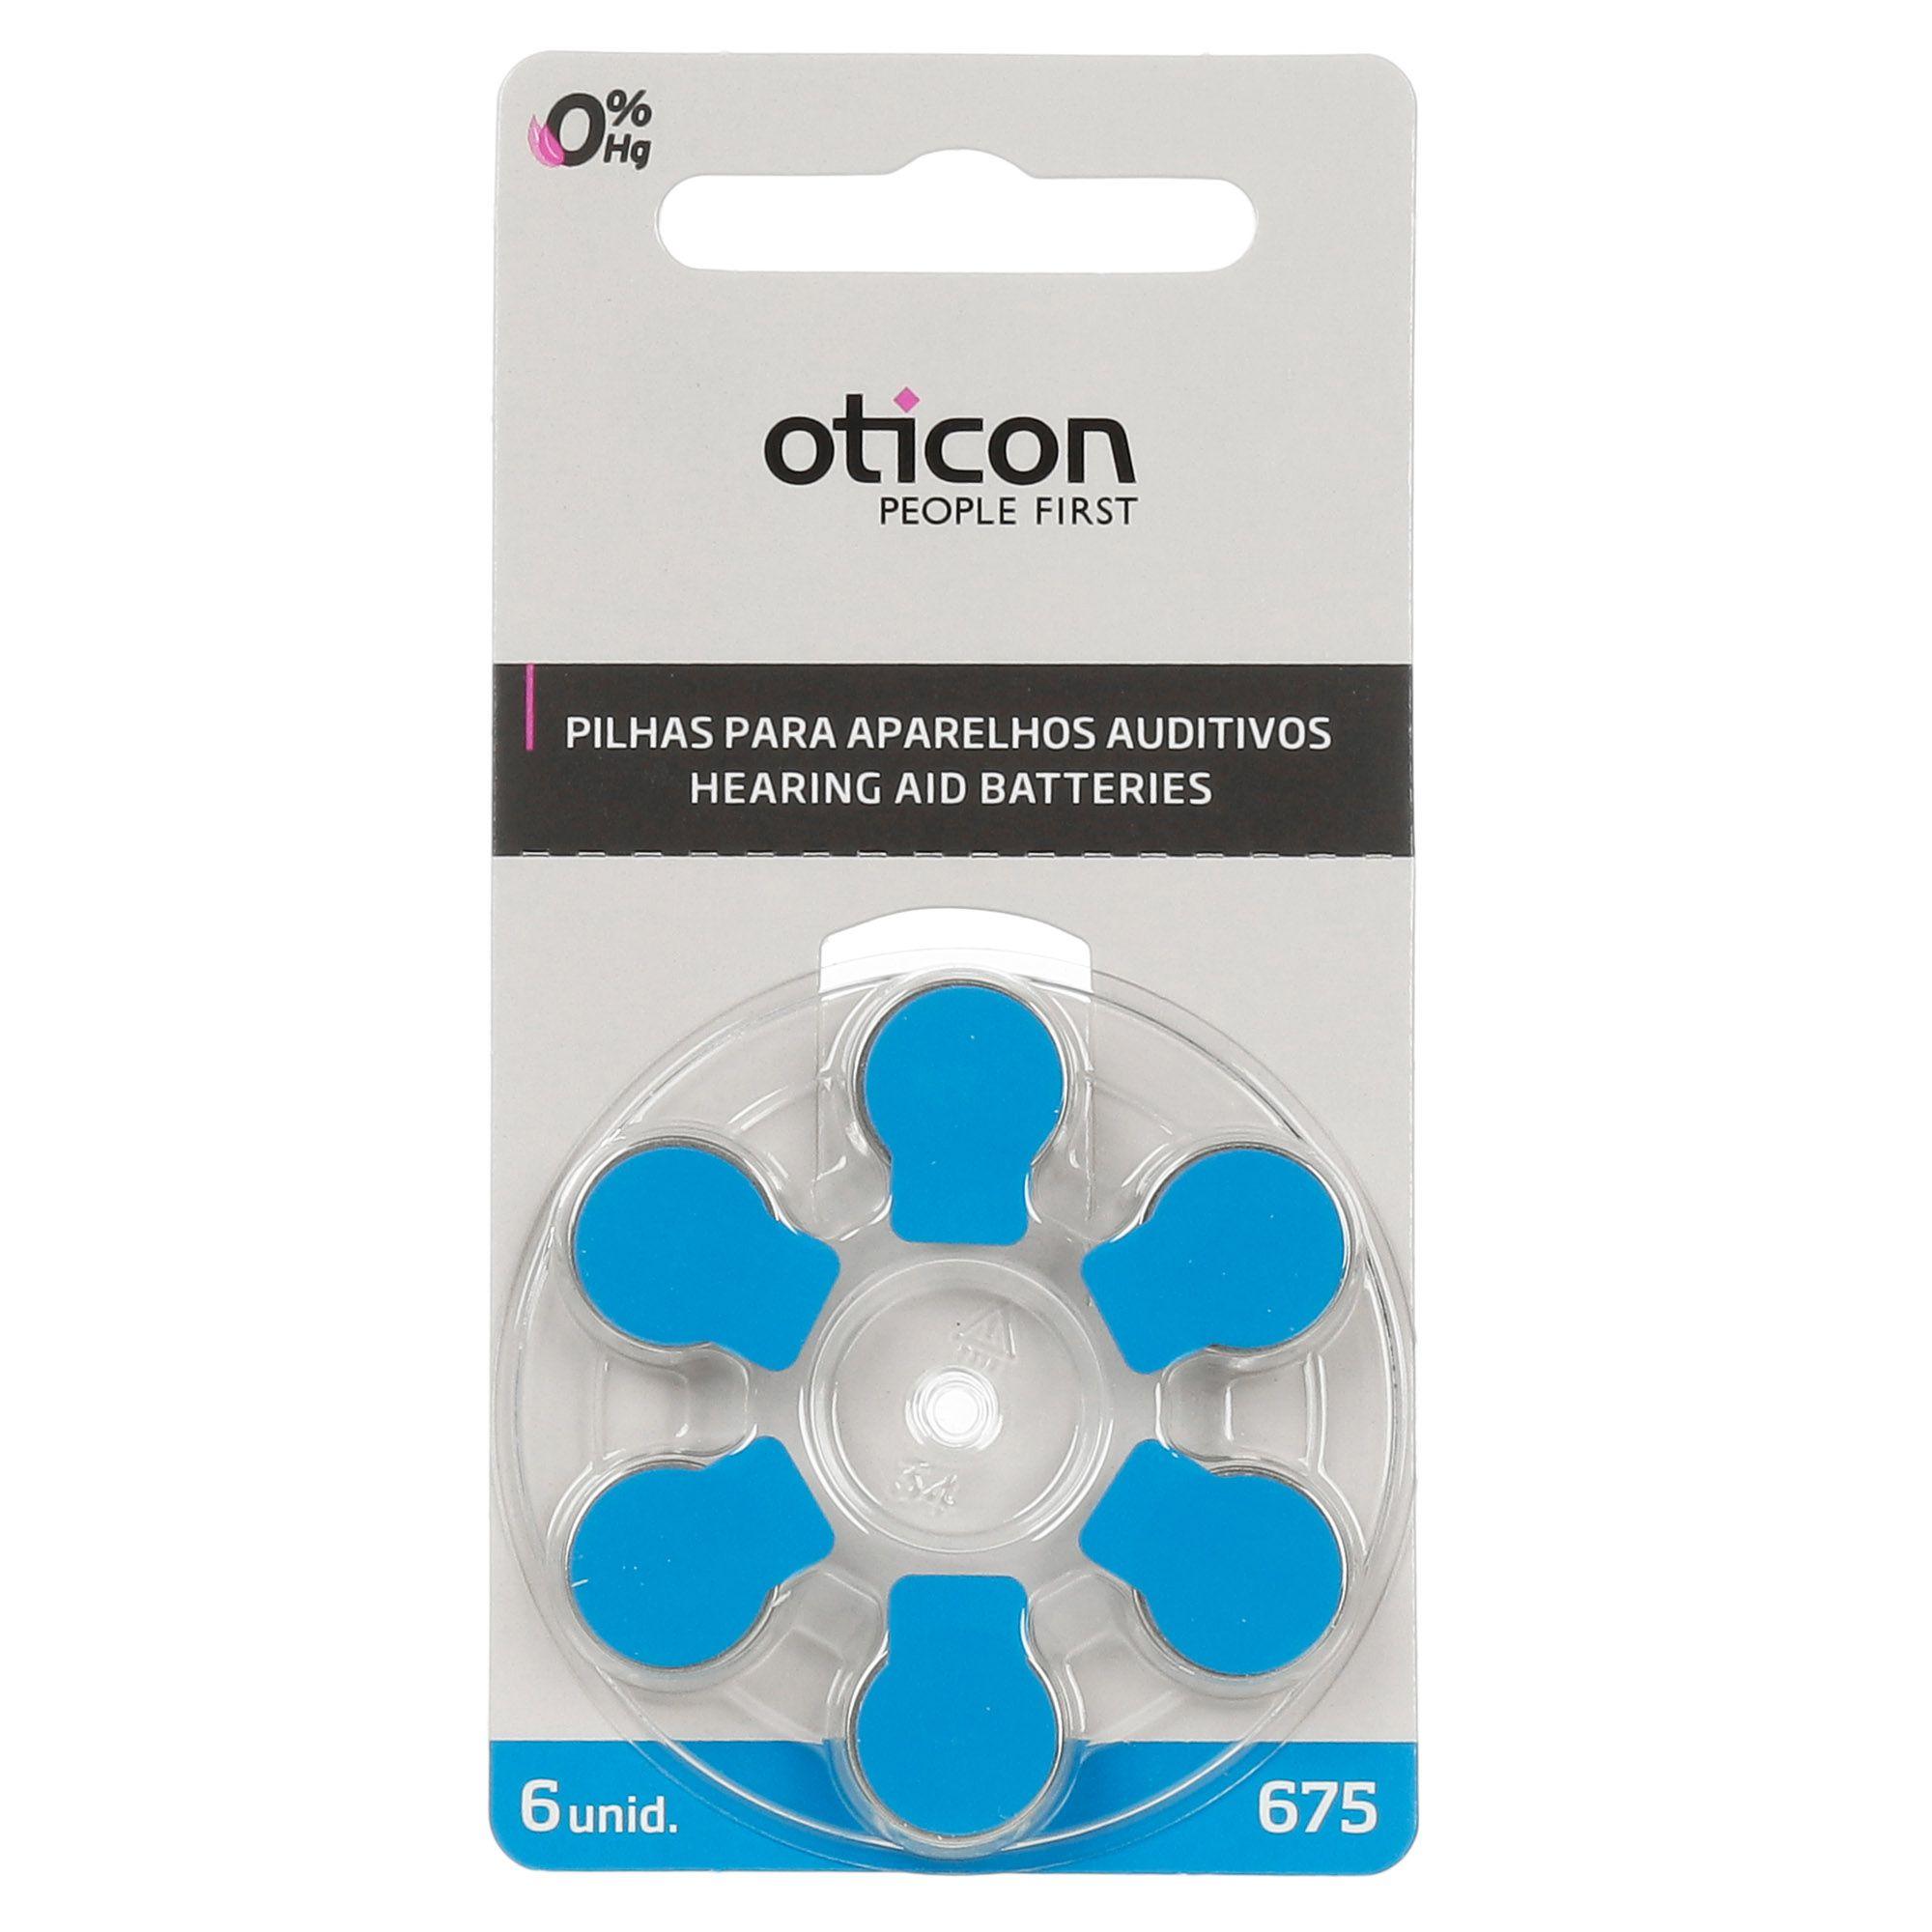 OTICON 675 / PR44 - 1 Cartela - 6 Baterias para Aparelho Auditivo